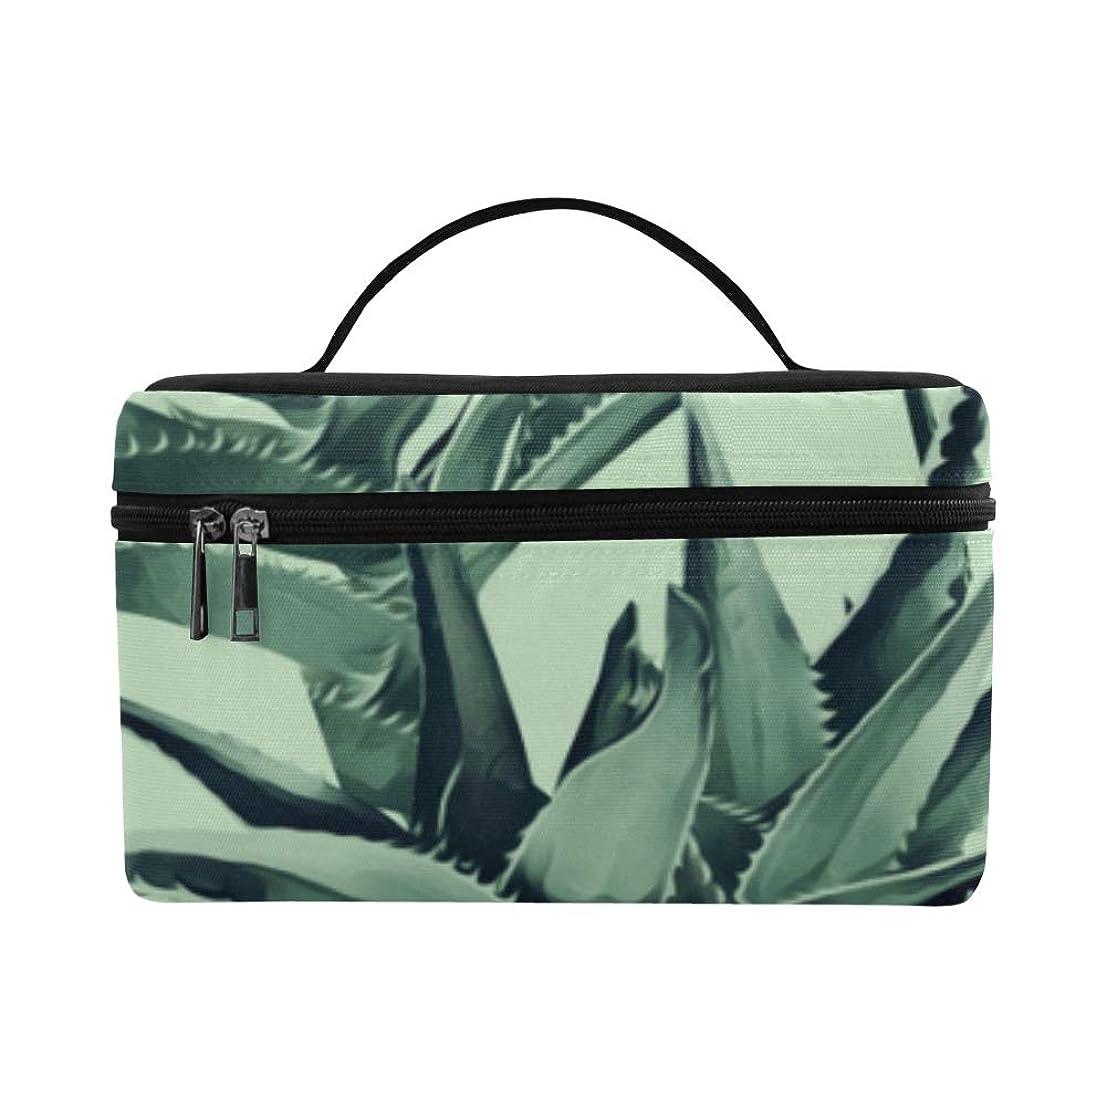 五アジア人コーラスTELSG メイクボックス 緑の植物 アロエ コスメ収納 化粧品収納ケース 大容量 収納ボックス 化粧品入れ 化粧バッグ 旅行用 メイクブラシバッグ 化粧箱 持ち運び便利 プロ用